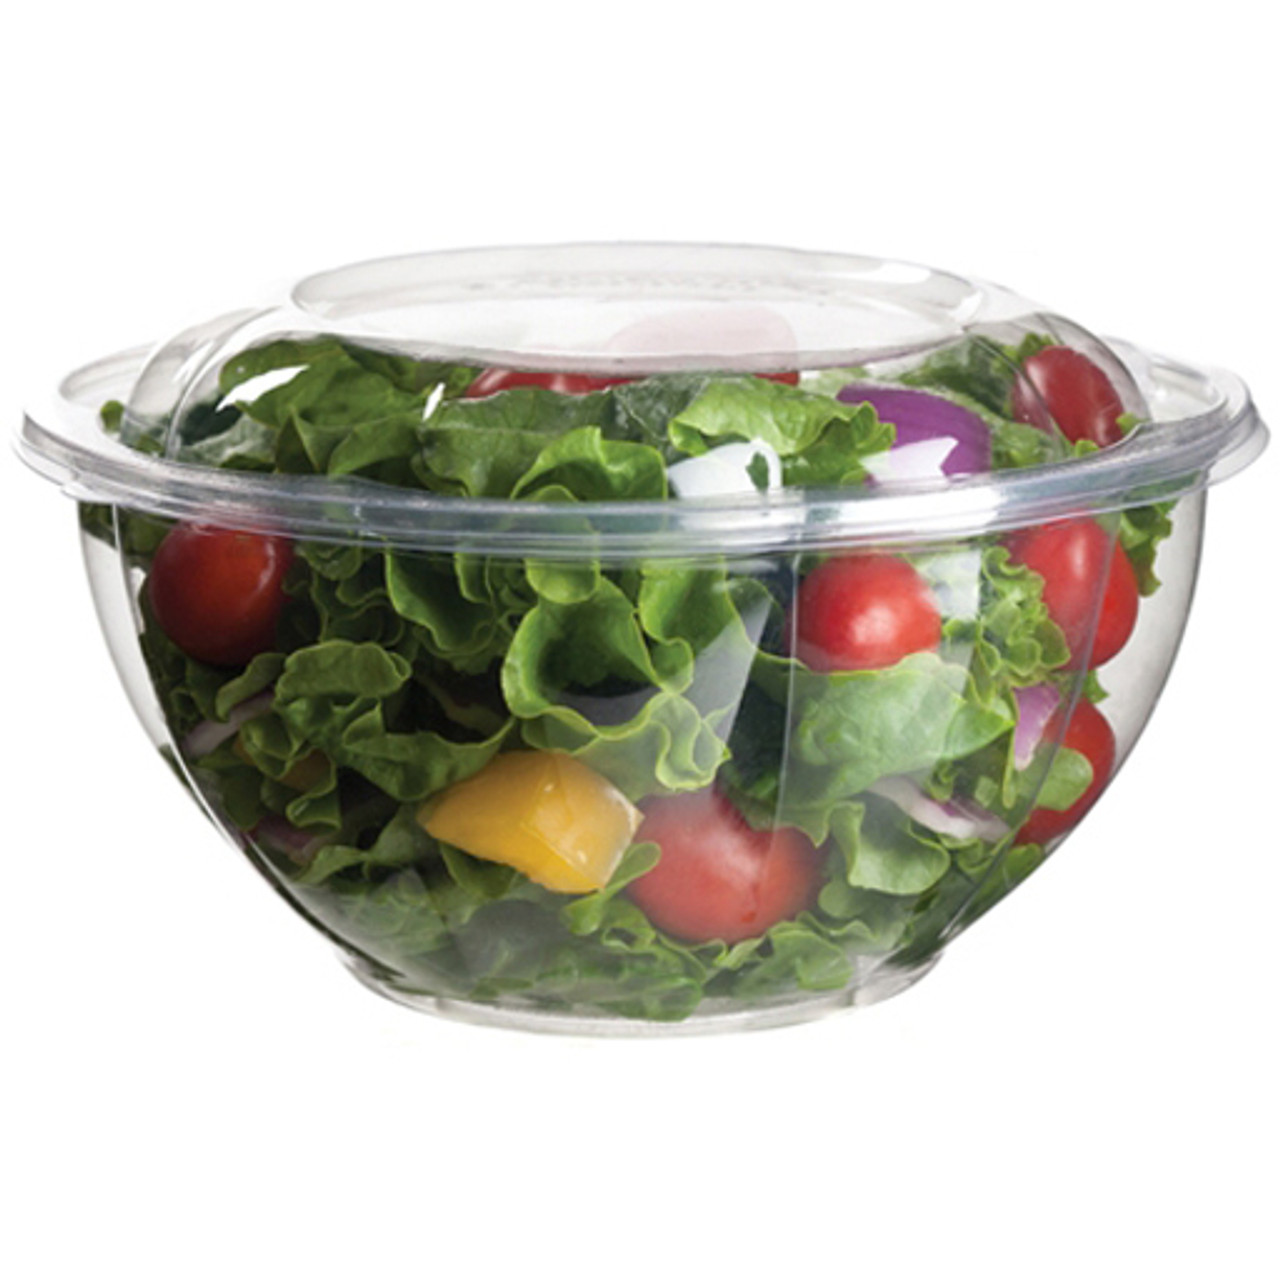 Floral Salad Bowl Base - 32 oz